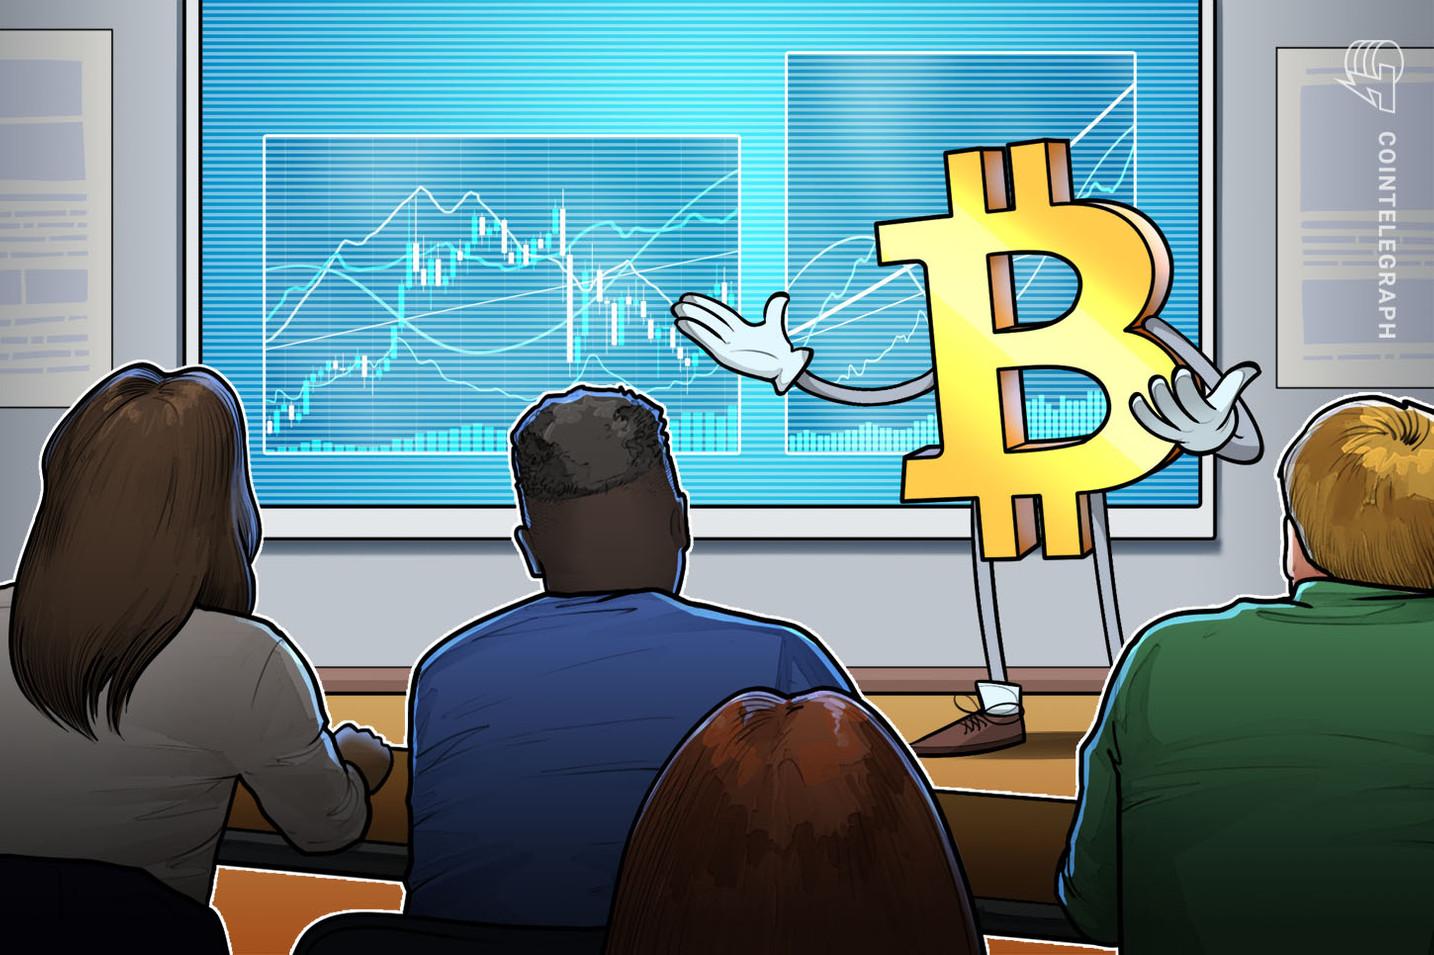 Bitcoini hajutatud karud jõudsid 40 XNUMX dollarini, kuid profikauplejad on endiselt ettevaatlikud